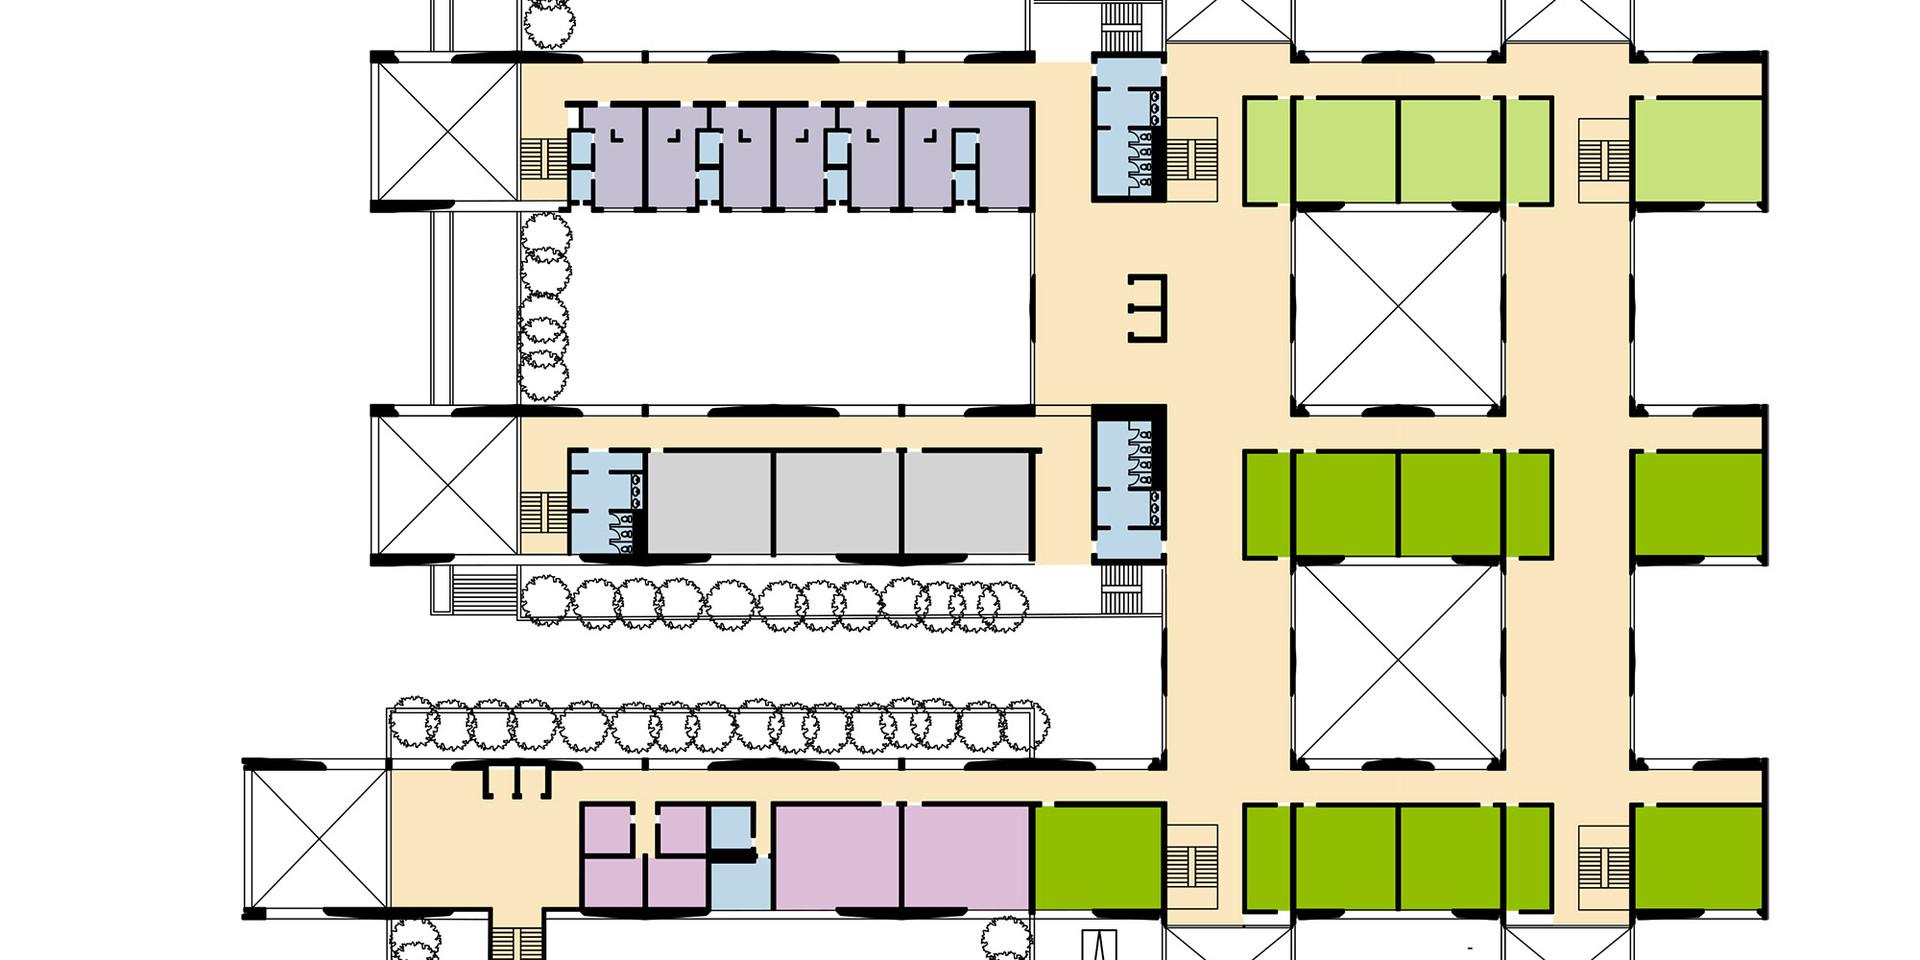 secondfloordiagram.jpg